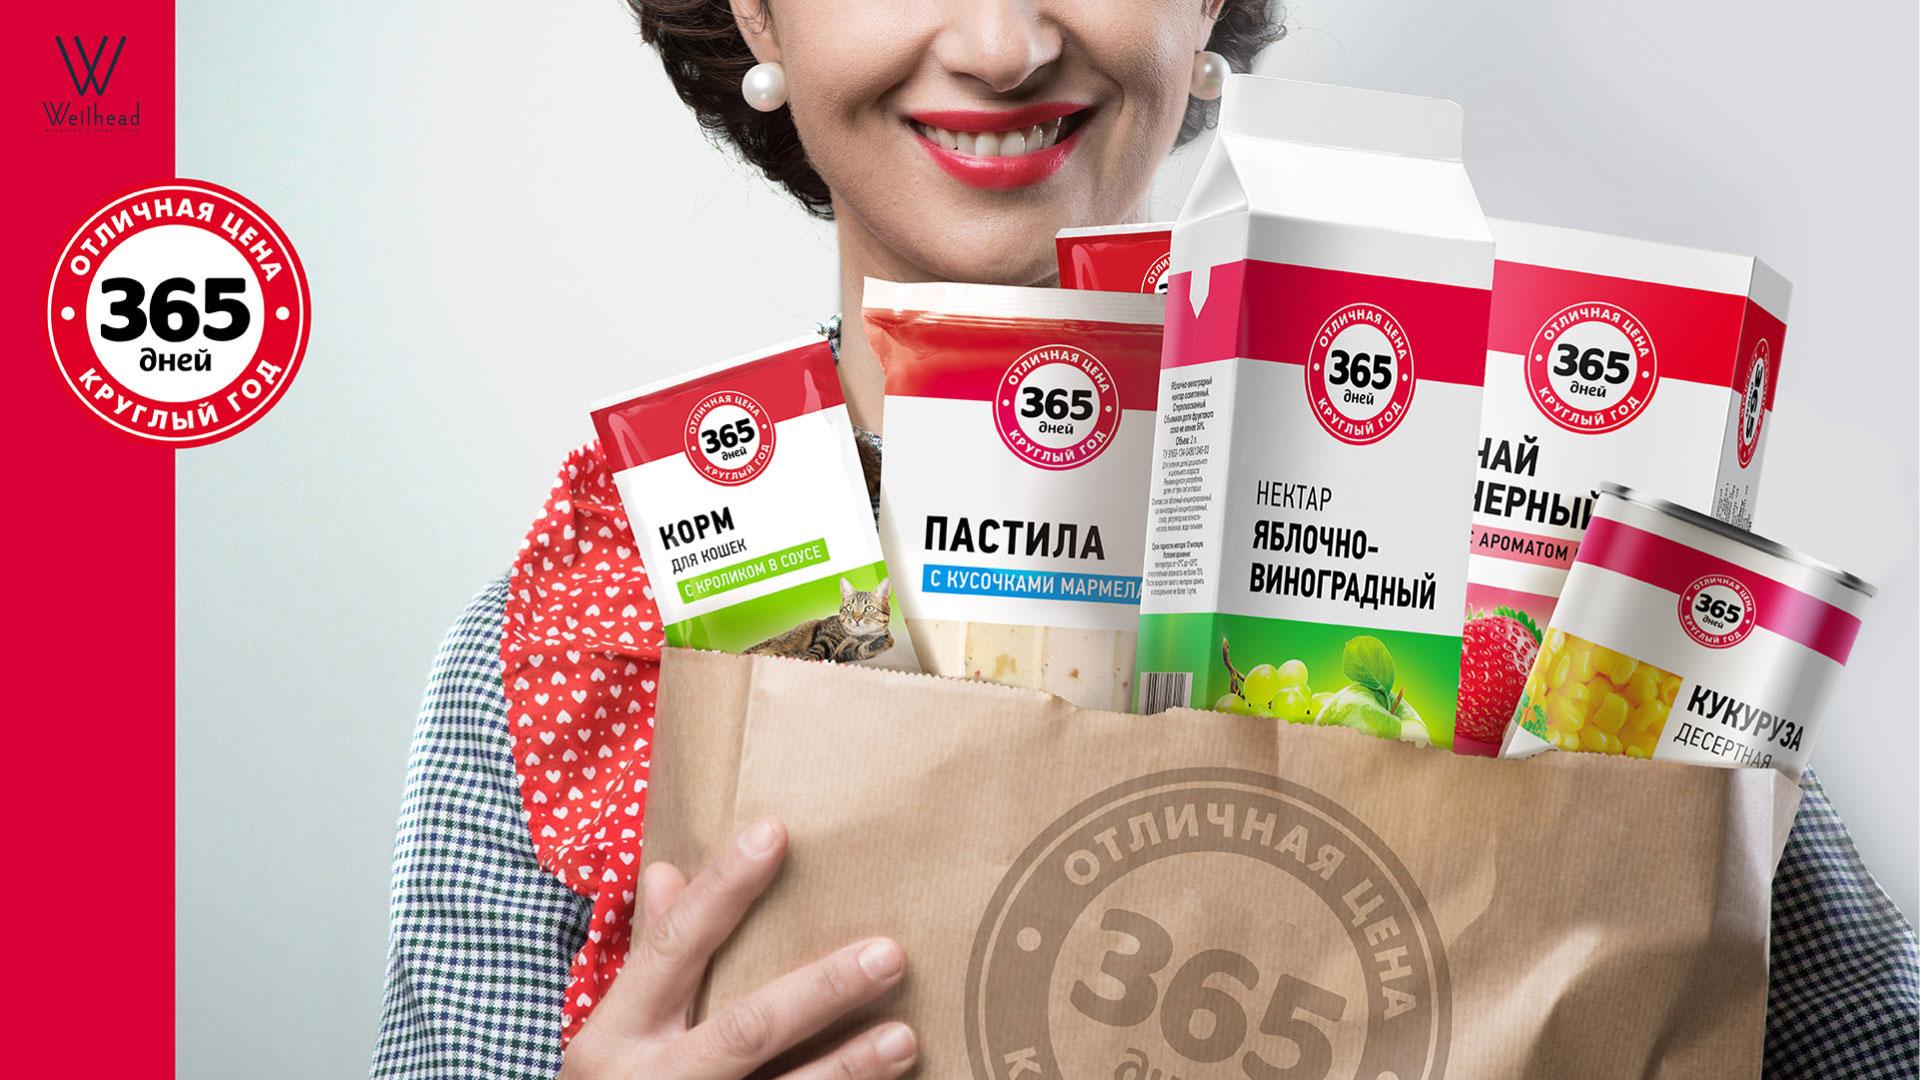 365 — СТМ сети «ЛЕНТА»